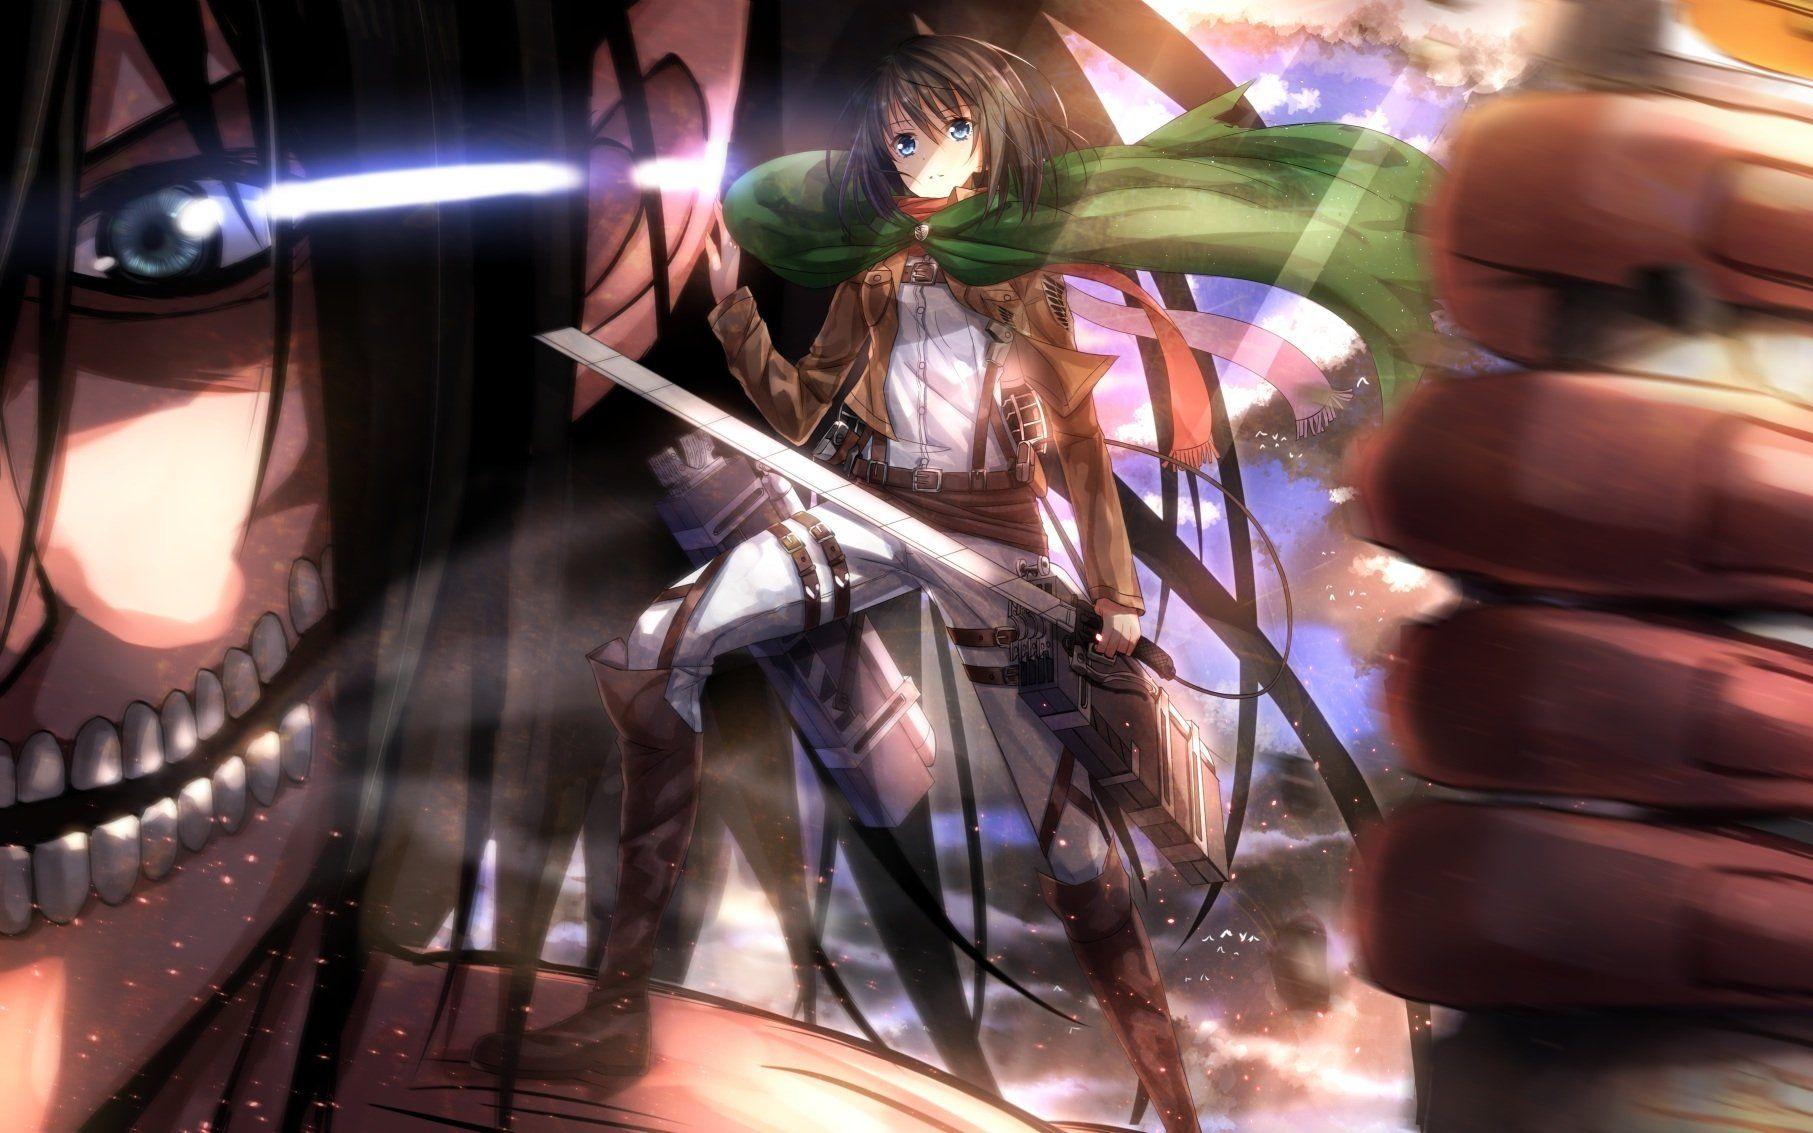 Anime Attack On Titan Anime Mikasa Ackerman Wallpaper Eren And Mikasa Attack On Titan Attack On Titan Anime